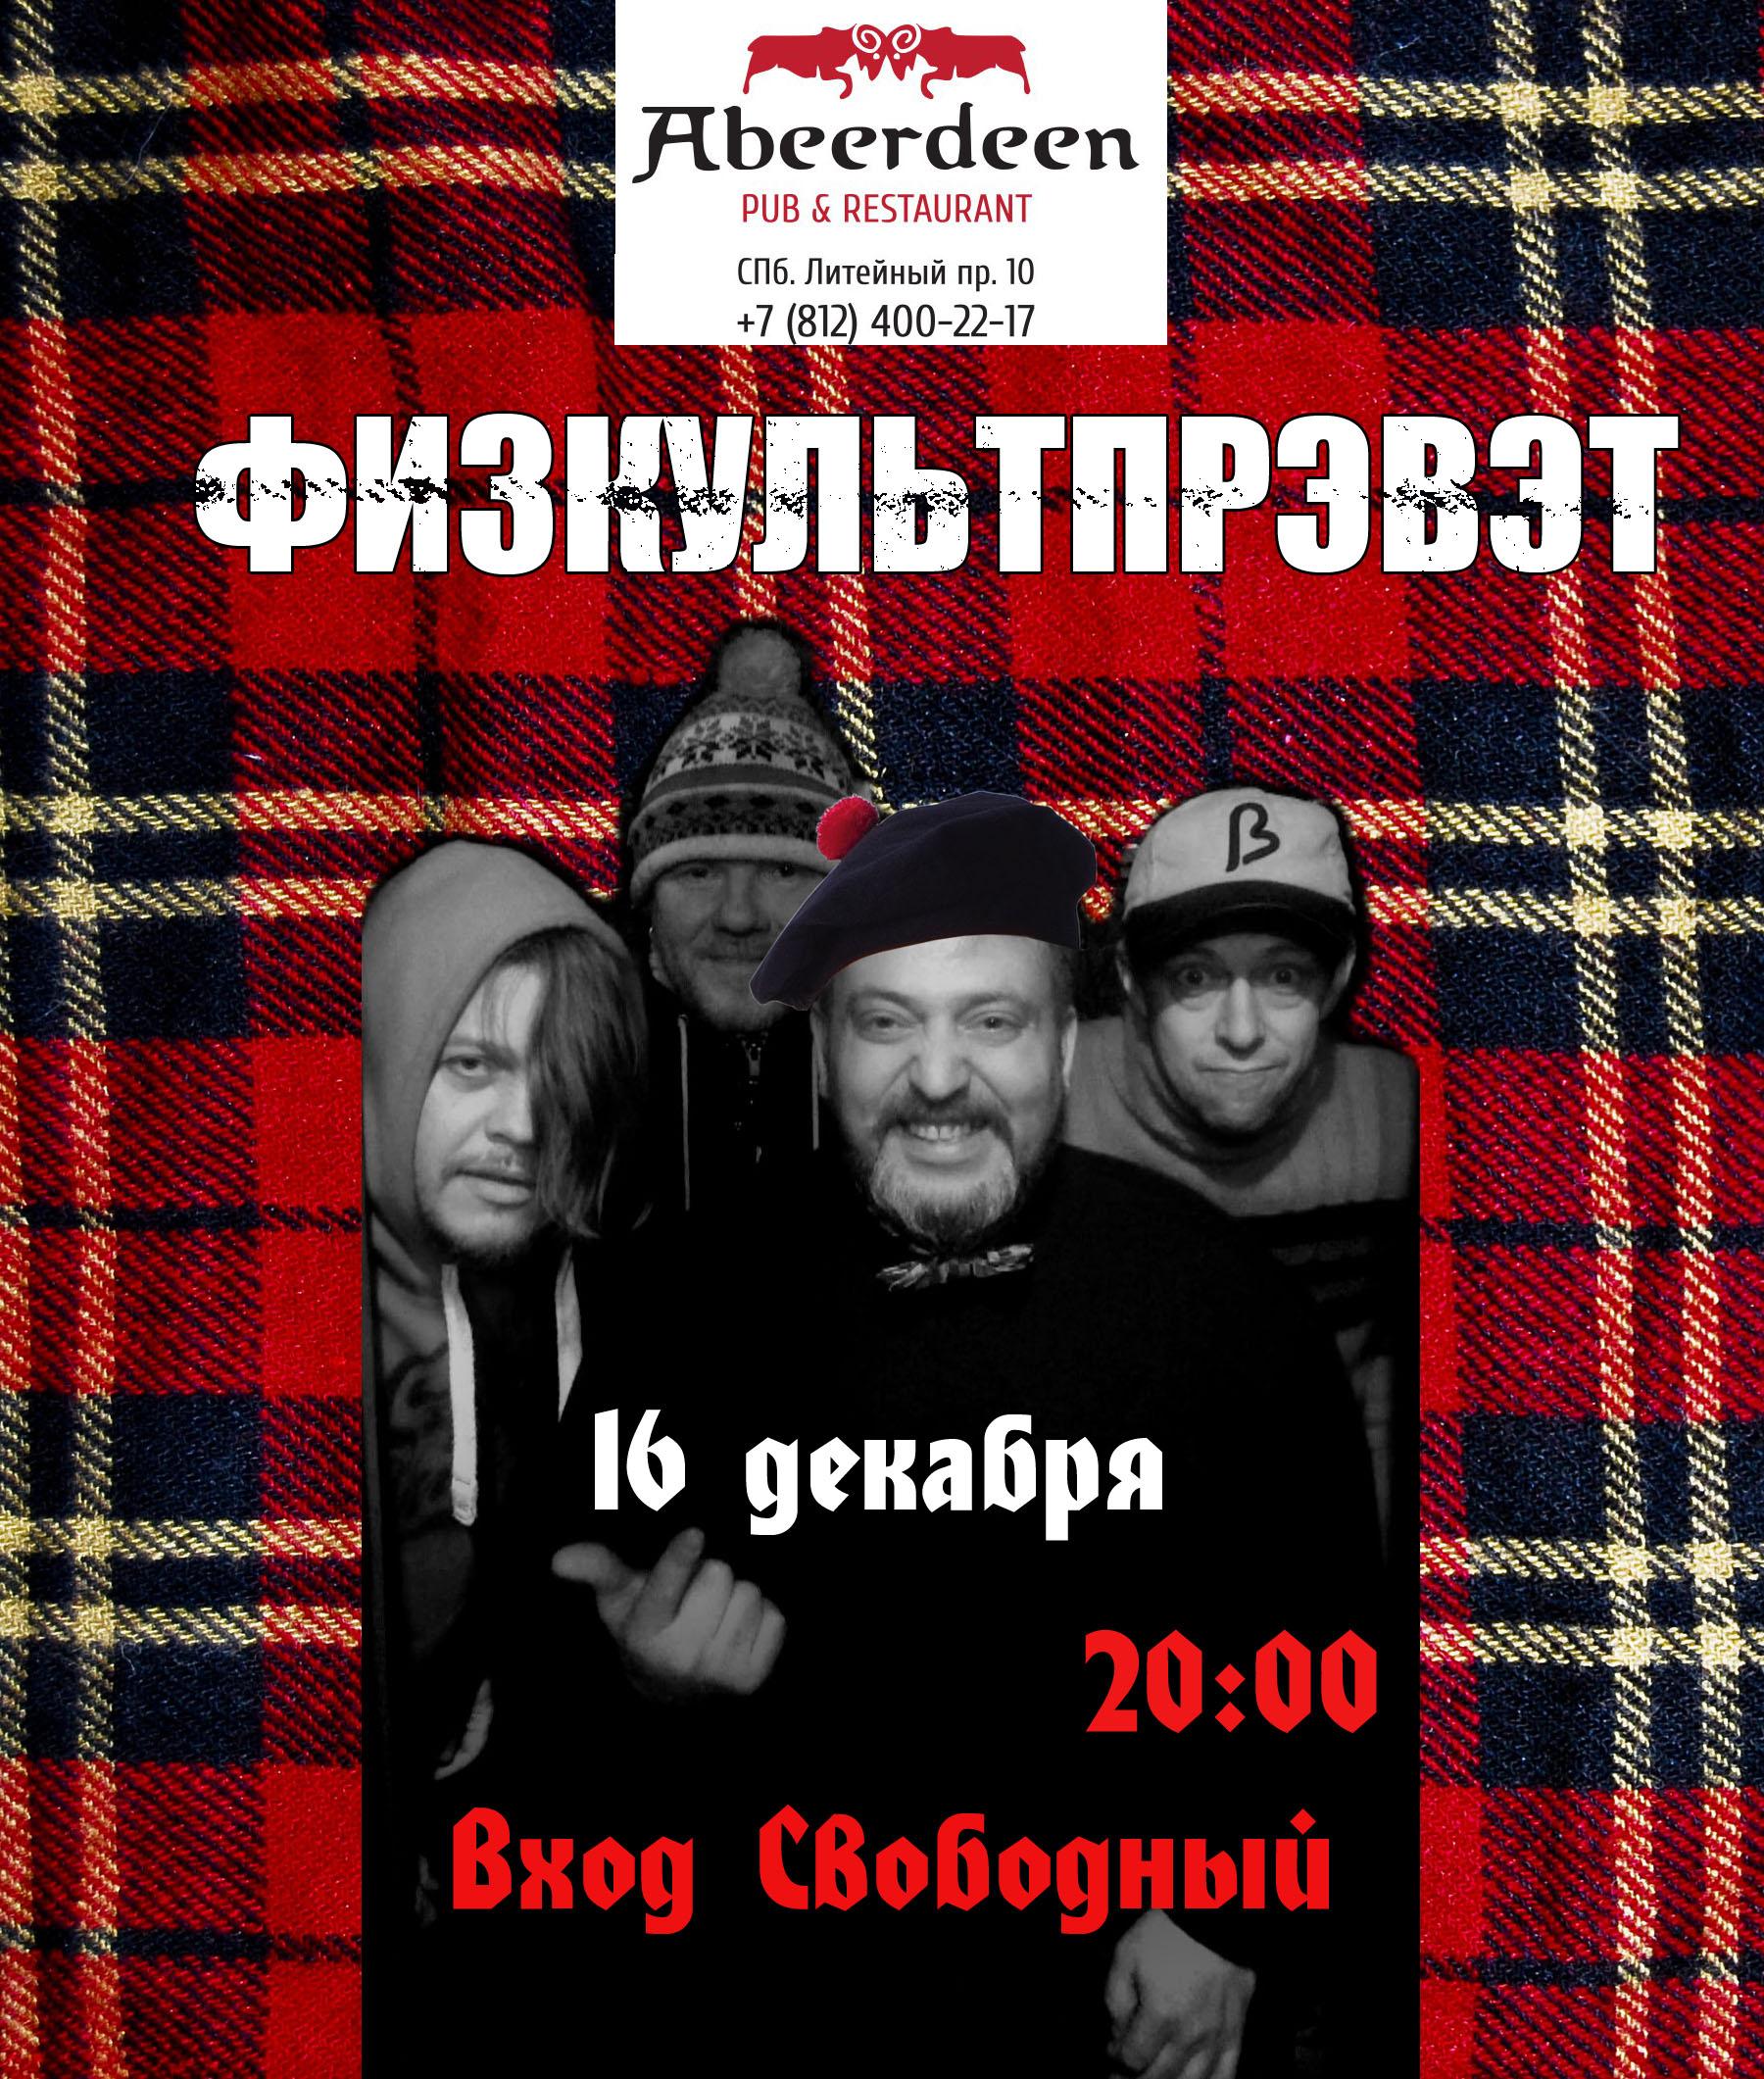 Видеоприглашение ФИЗКУЛЬТПРЭВЭТ Концерт в Abeerdeen 16.12.2016